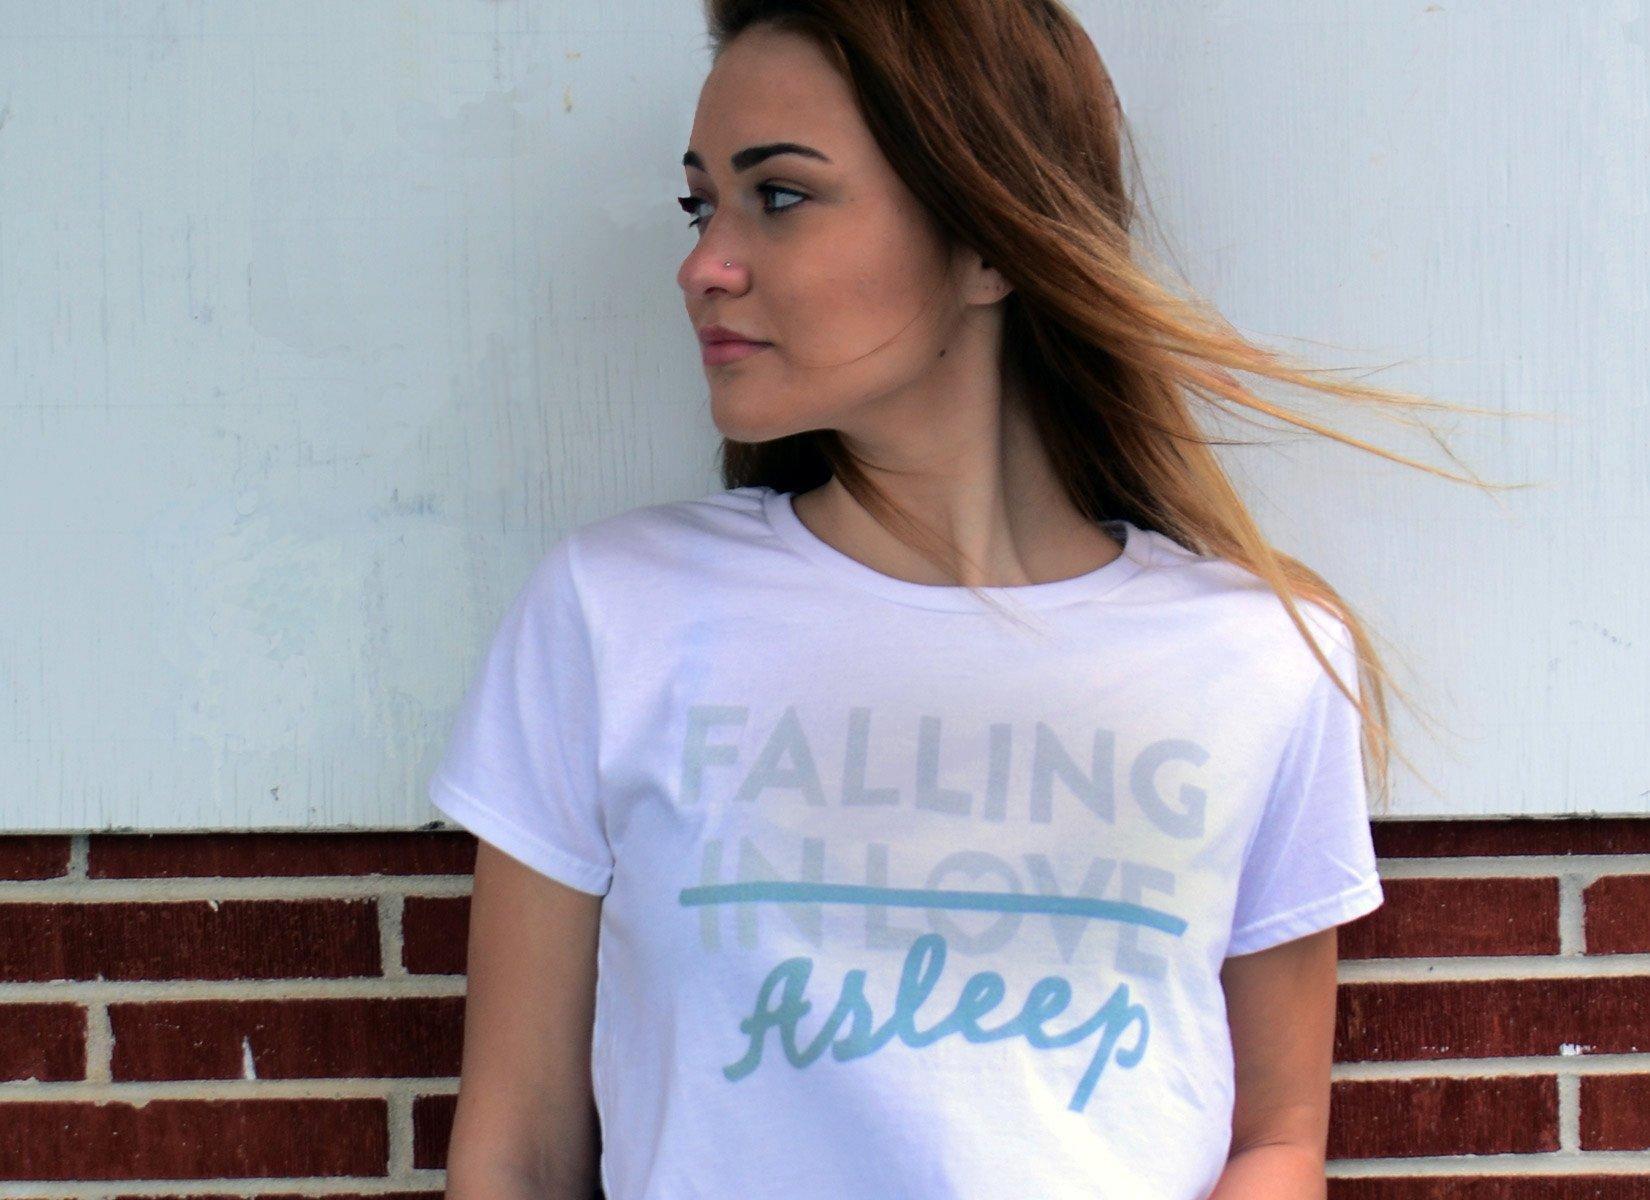 Falling Asleep on Womens T-Shirt